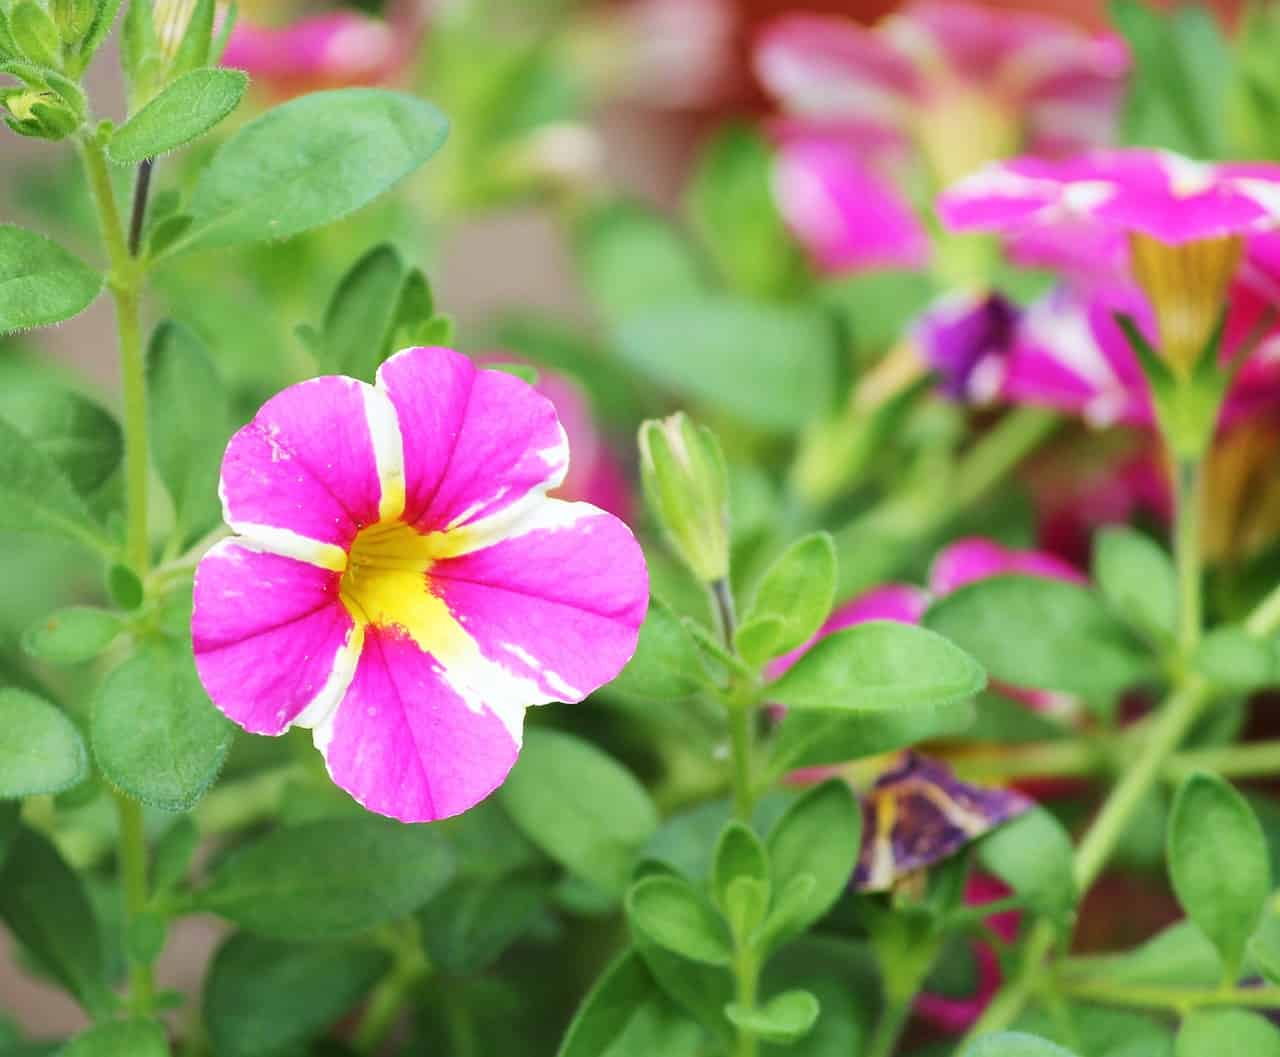 Balcony Gardening Tips for Summer